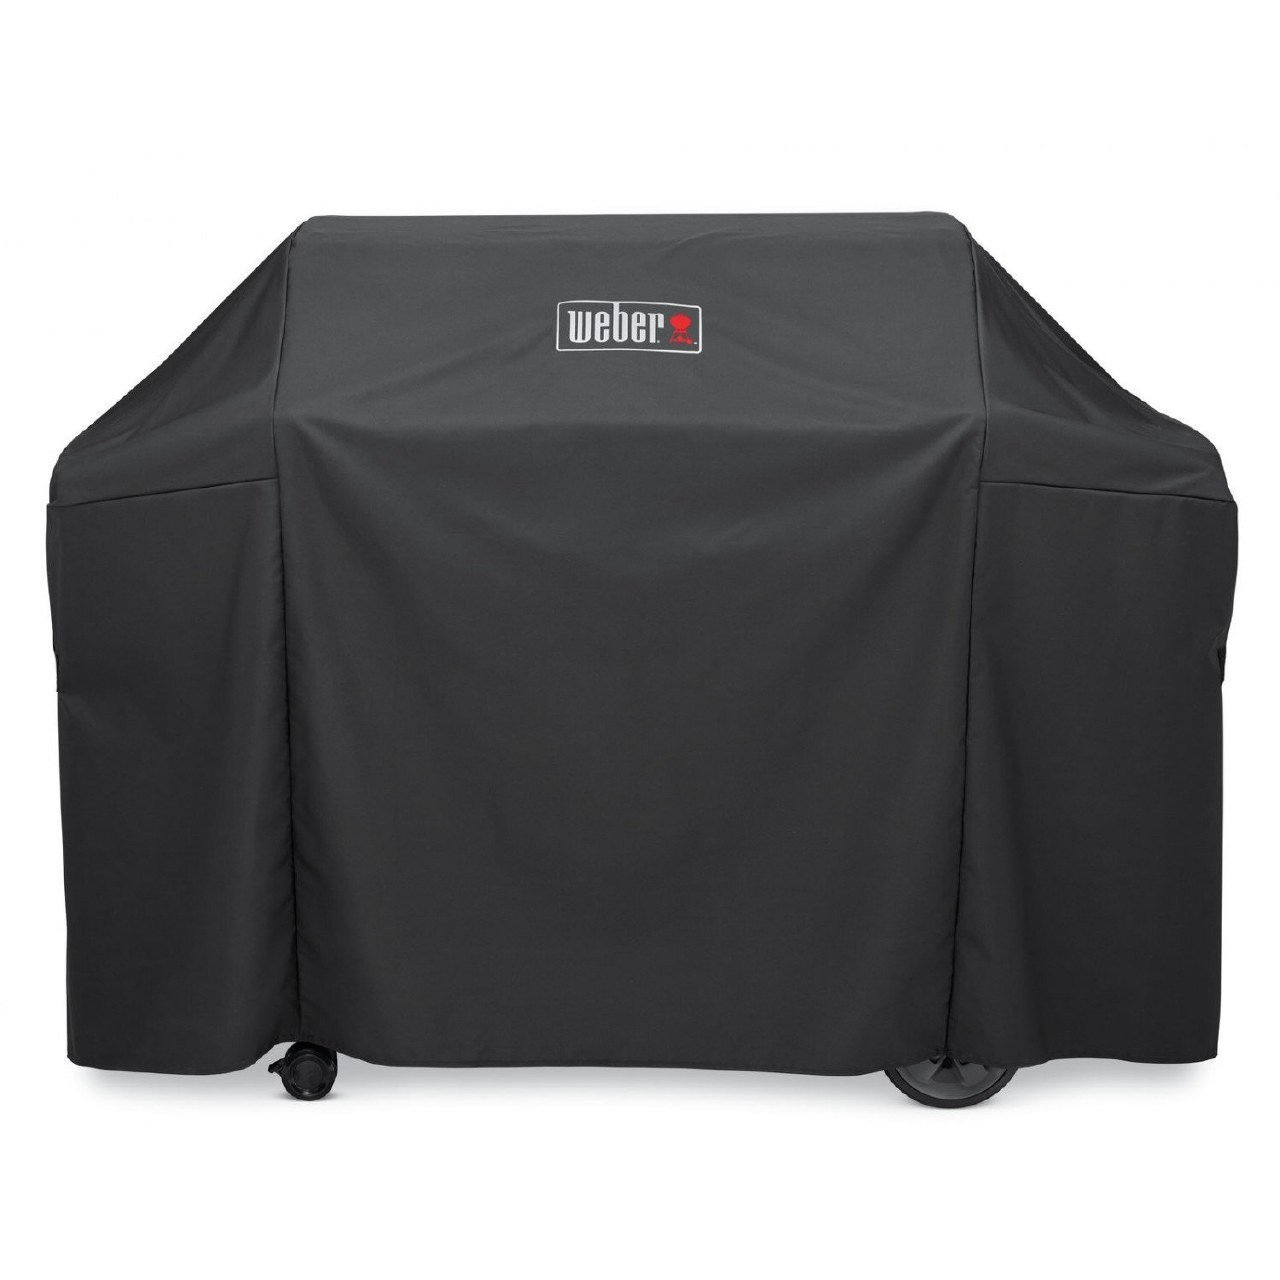 benvenuto per ordinare Weber 7135 7135 7135 Custodia accessorio per barbecue grill  vendita di fama mondiale online